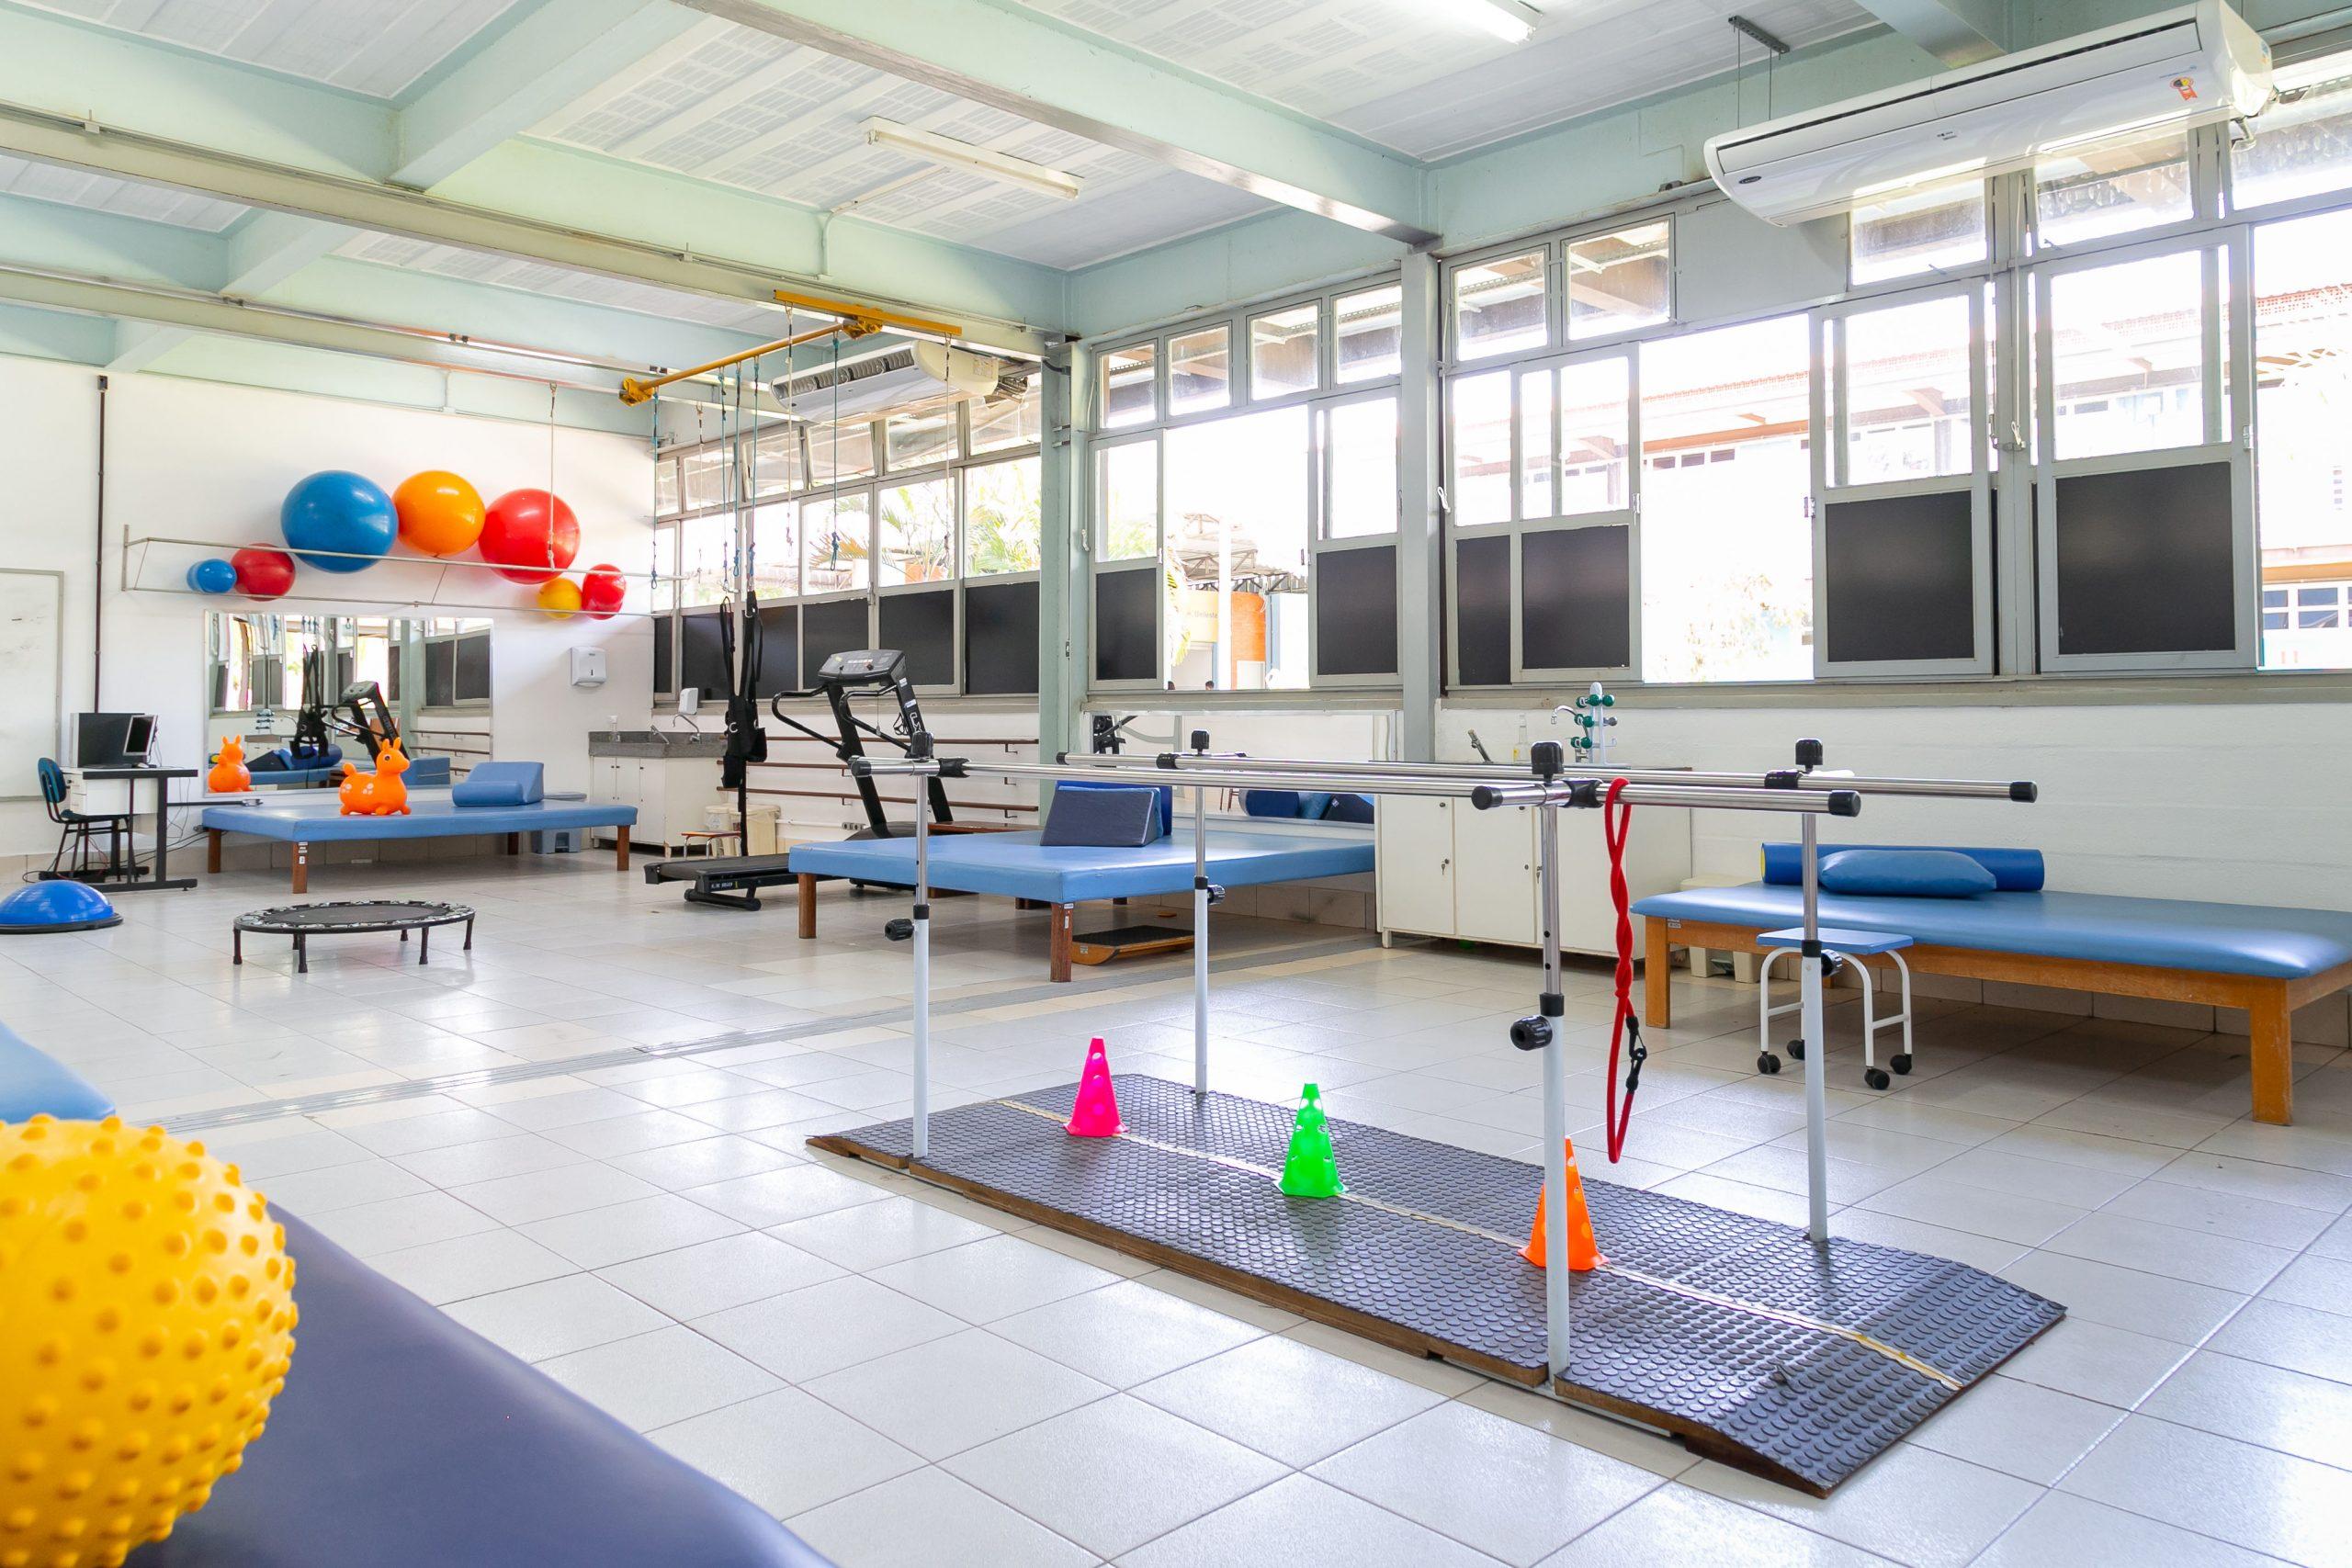 Clínica de Fisioterapia do Unileste oferece atendimentos gratuitos à comunidade